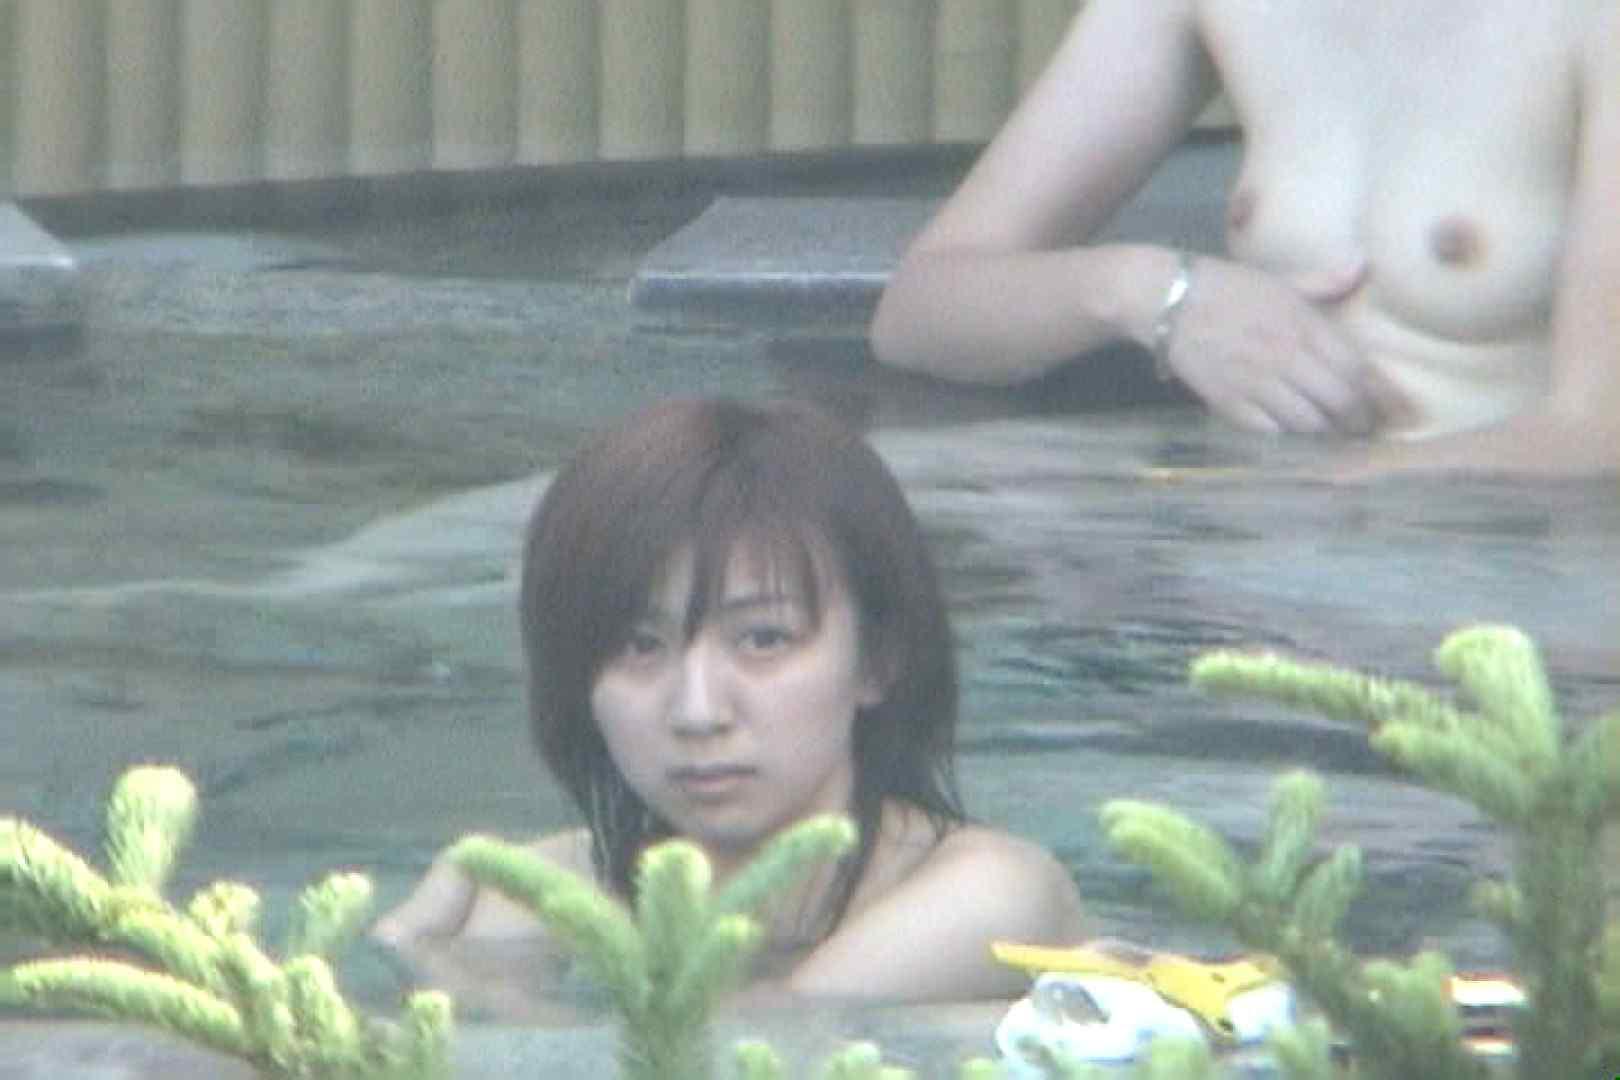 Aquaな露天風呂Vol.77【VIP限定】 0  79pic 68